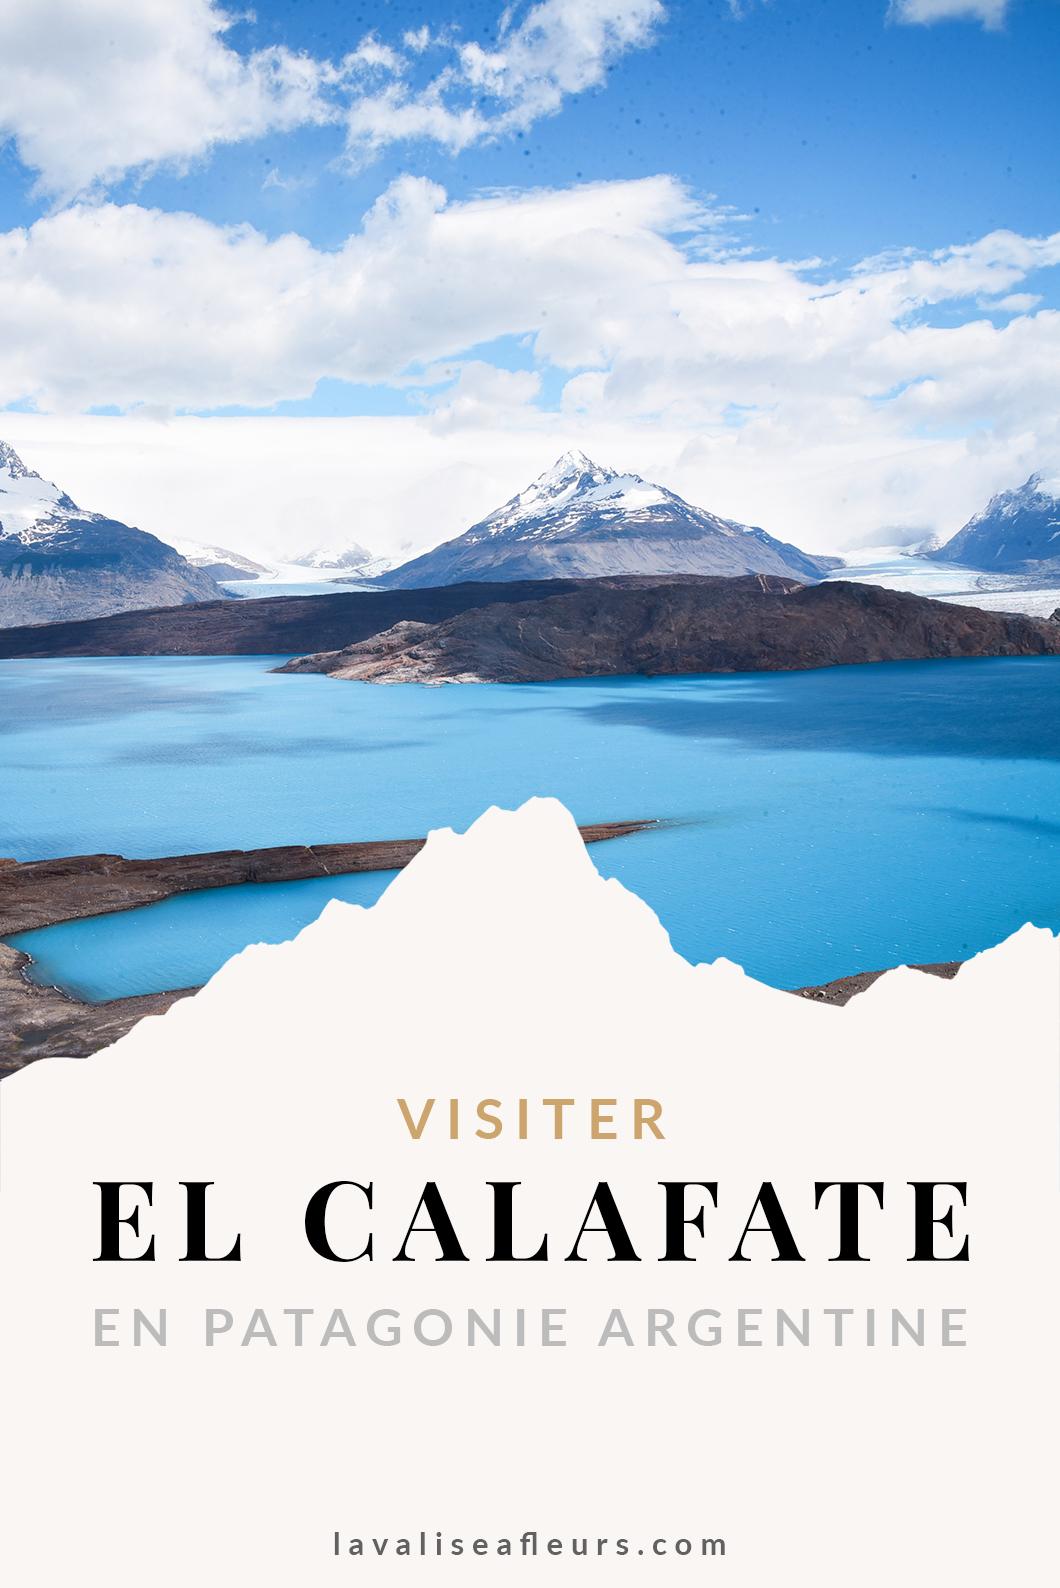 Guide El Calafate en Patagonie Argentine